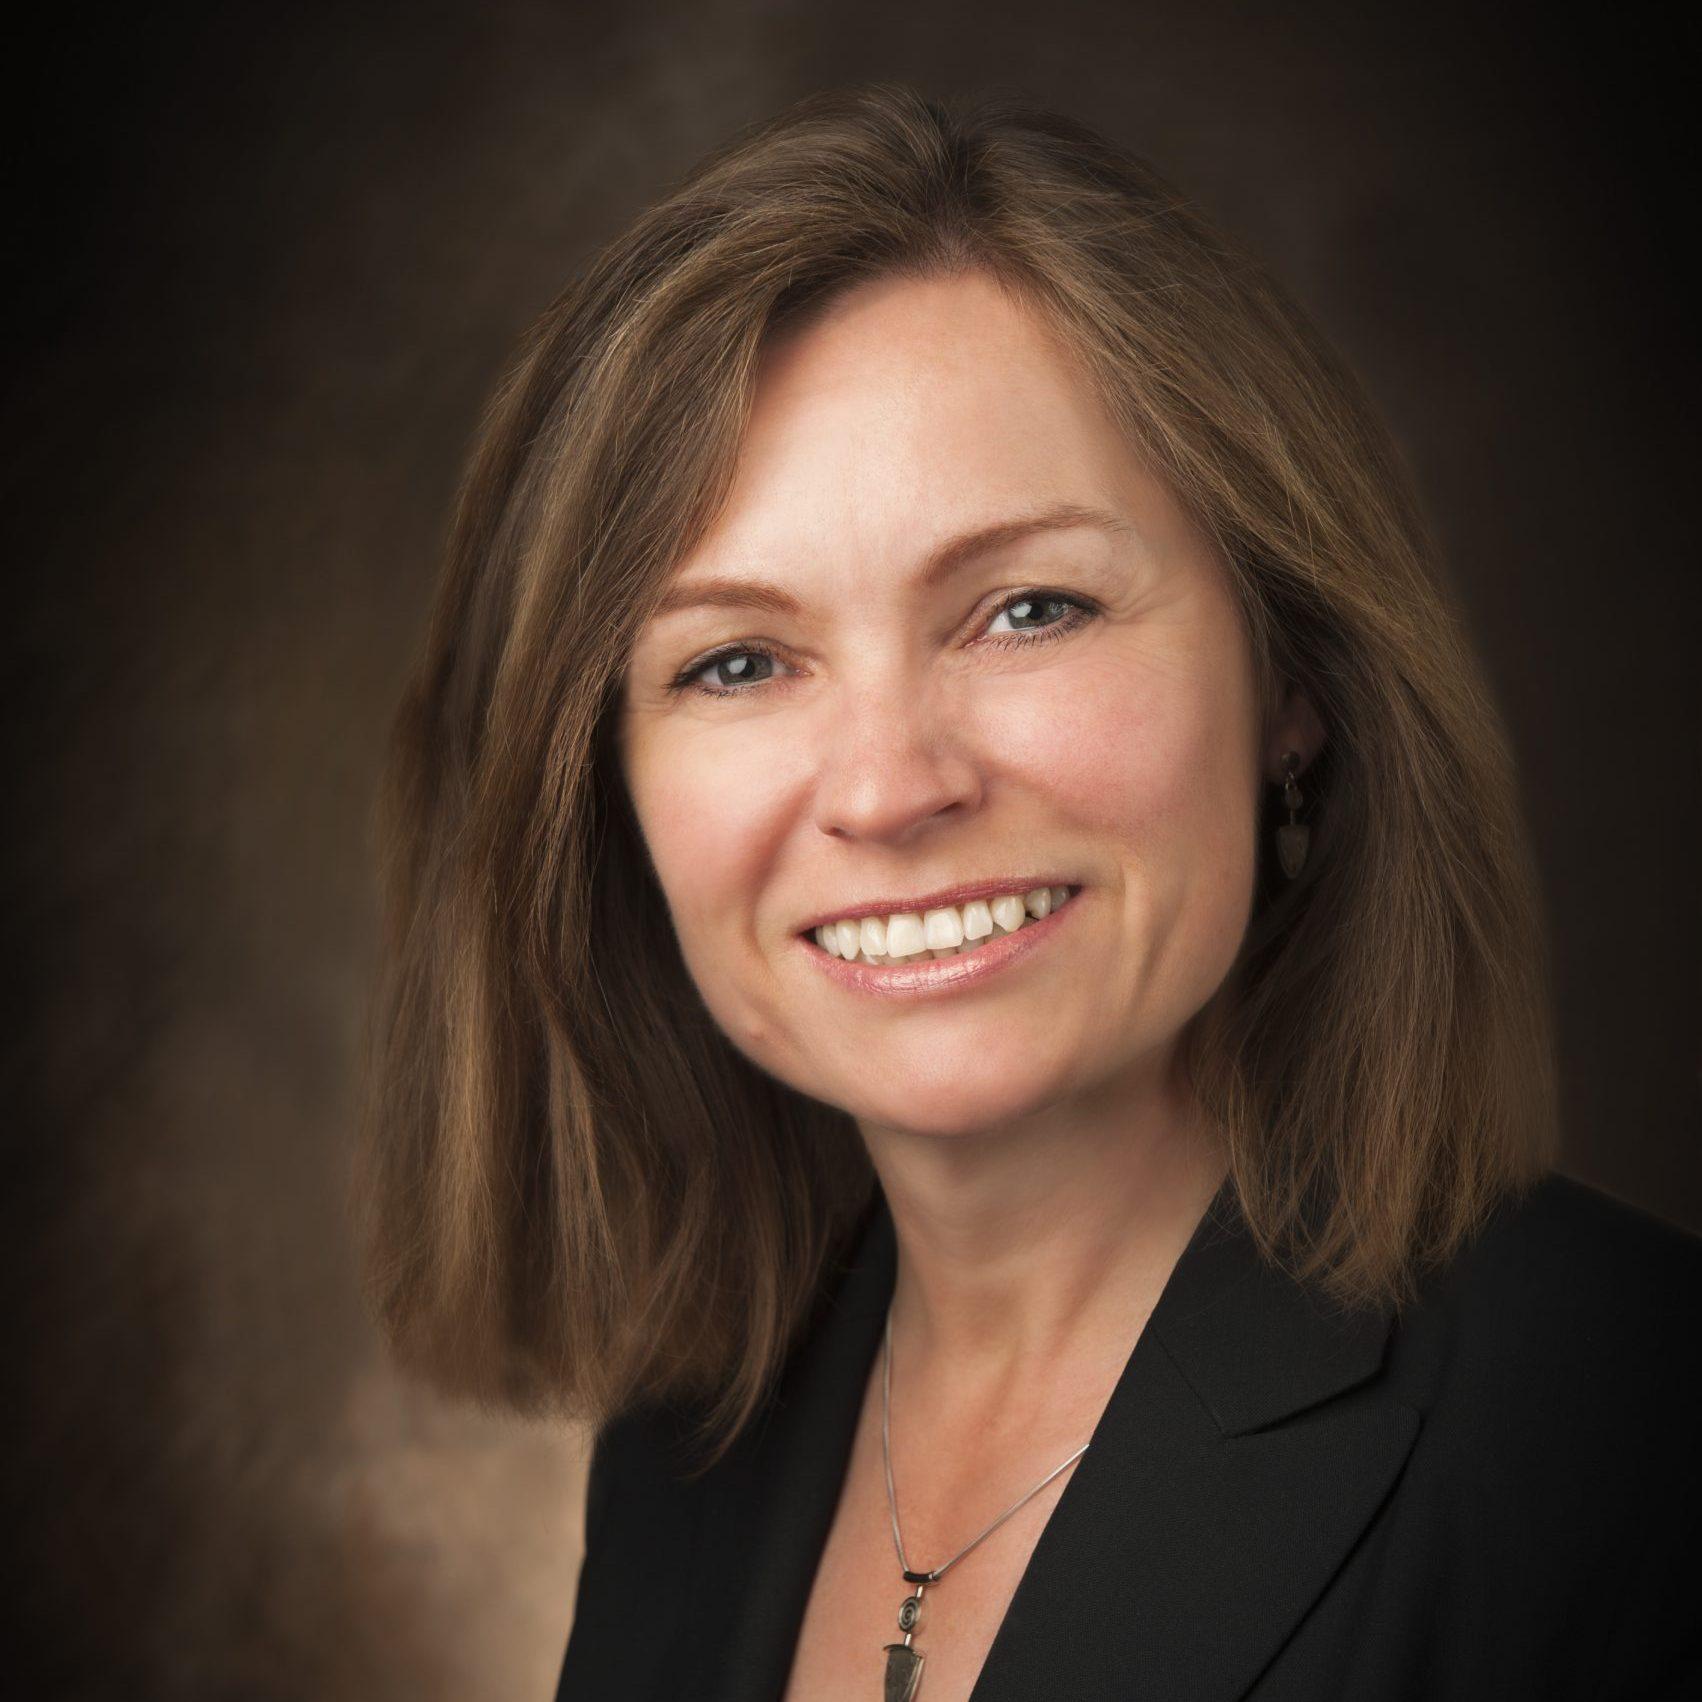 Sylvia Vogt